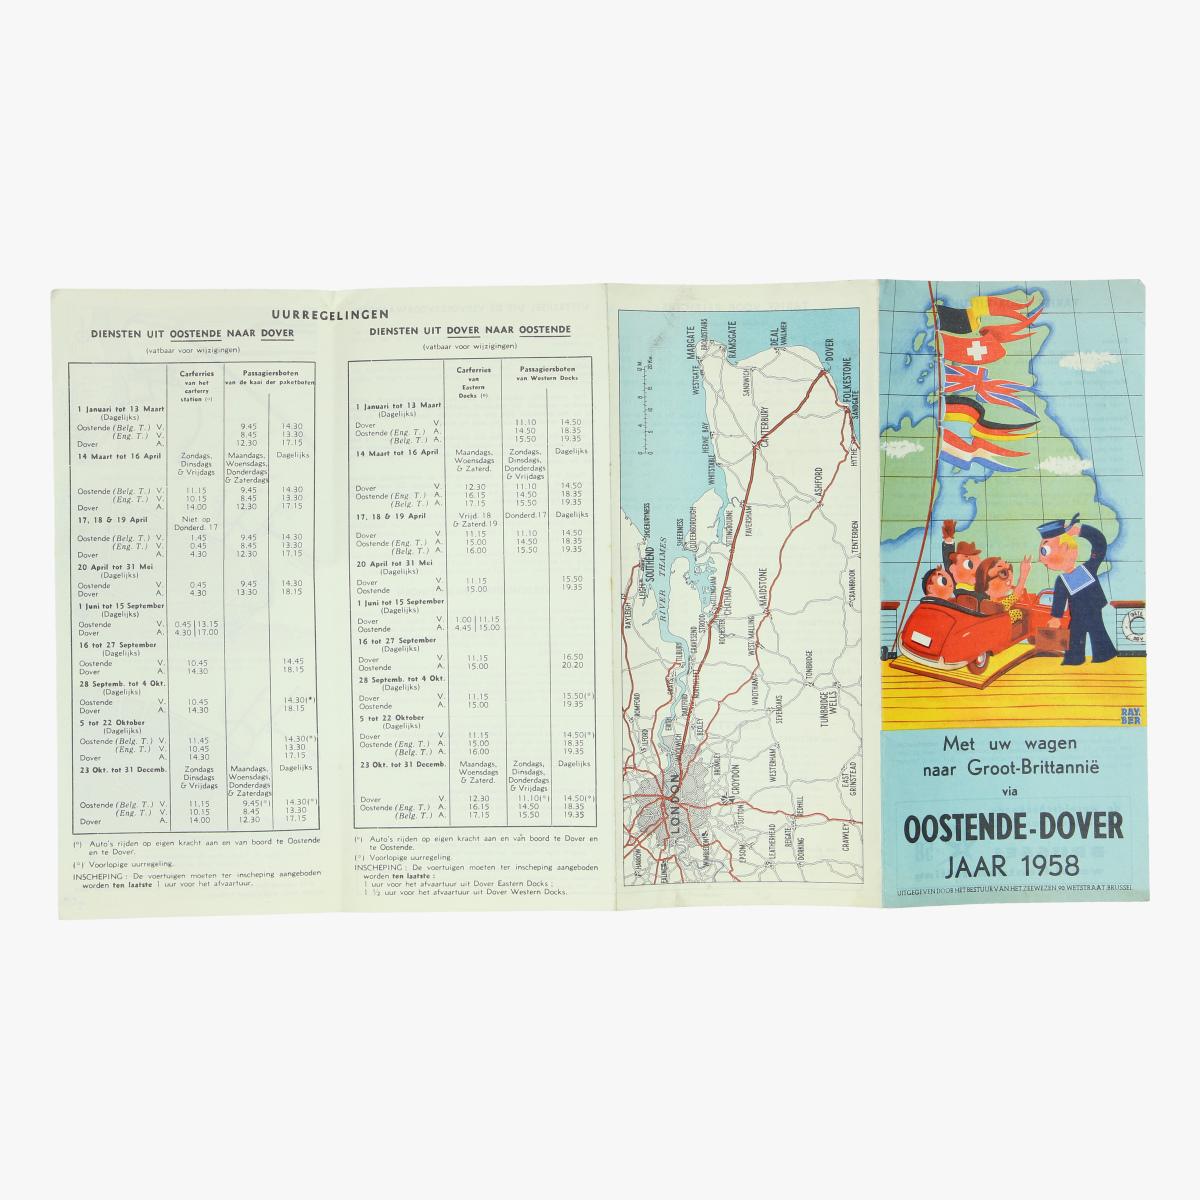 Afbeeldingen van expo 58 met uw wagen naar groot brittannie via oostende-dover jaar 1958